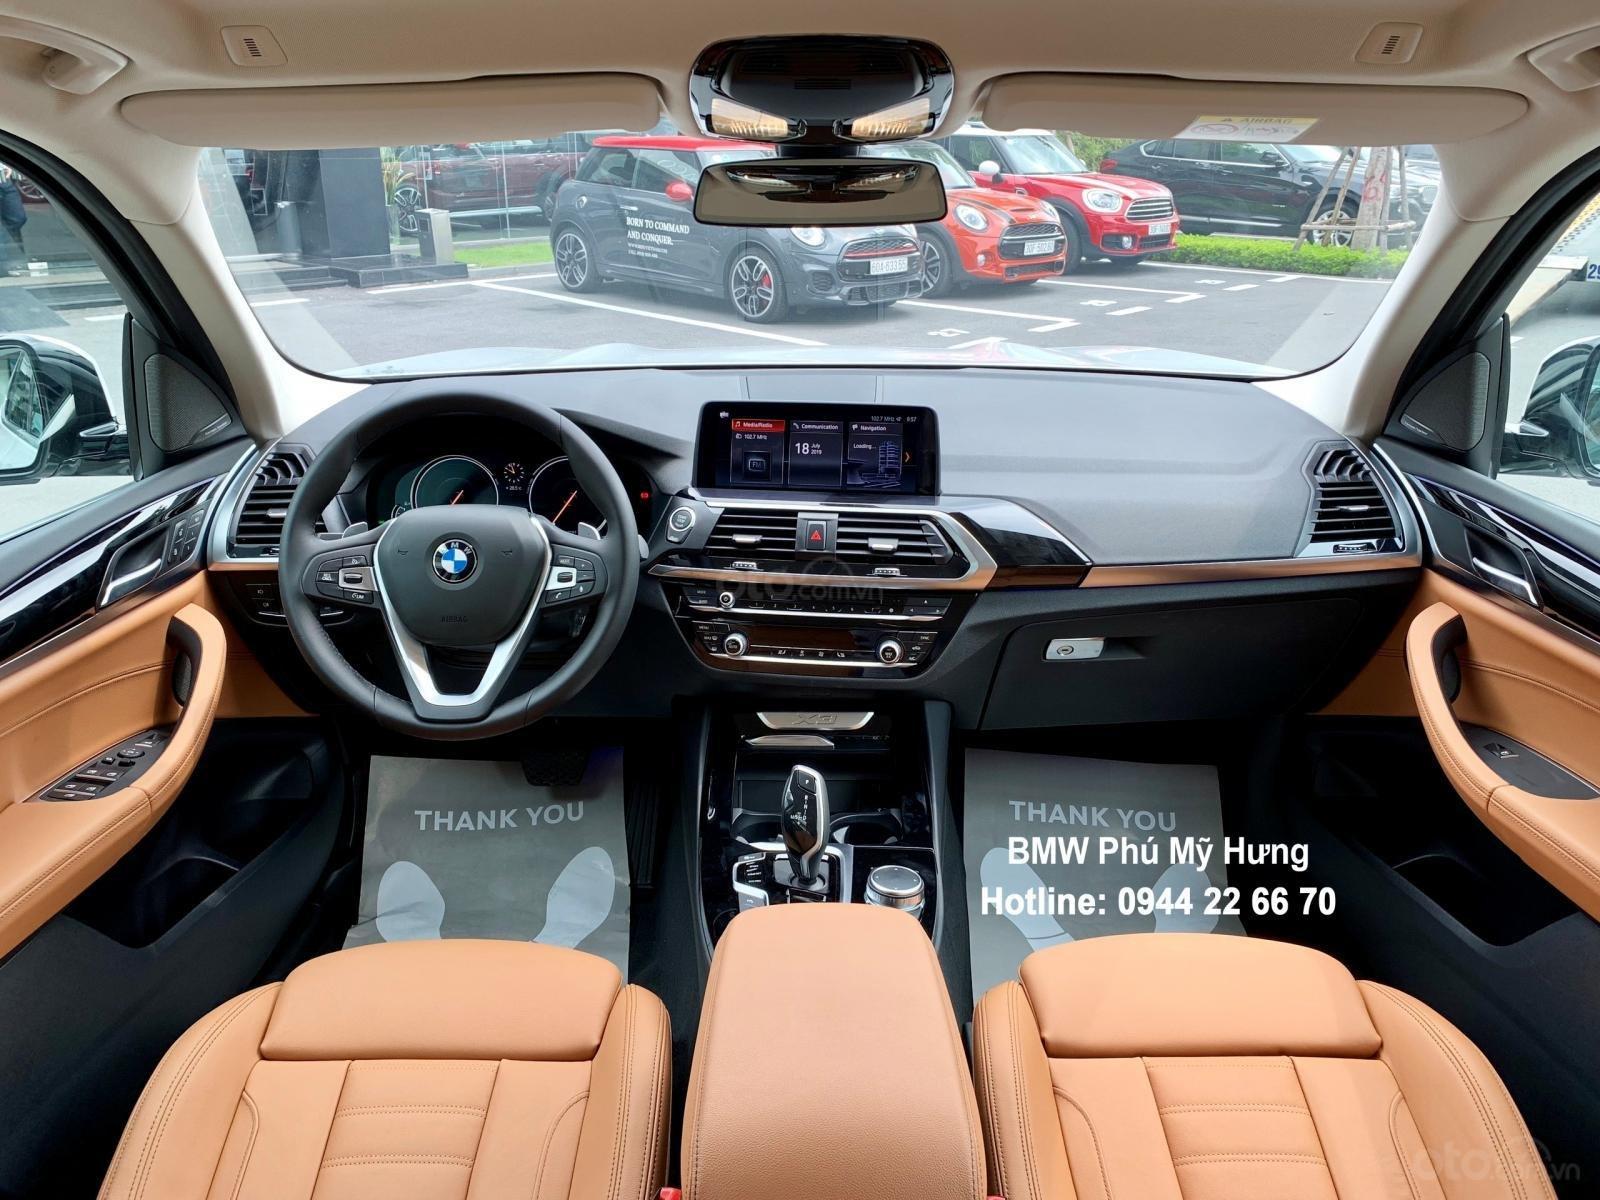 BMW X3 2019 miễn phí 3 năm bảo dưỡng, tặng bảo hiểm vật chất, đặt cọc sớm có xe giao ngay (6)